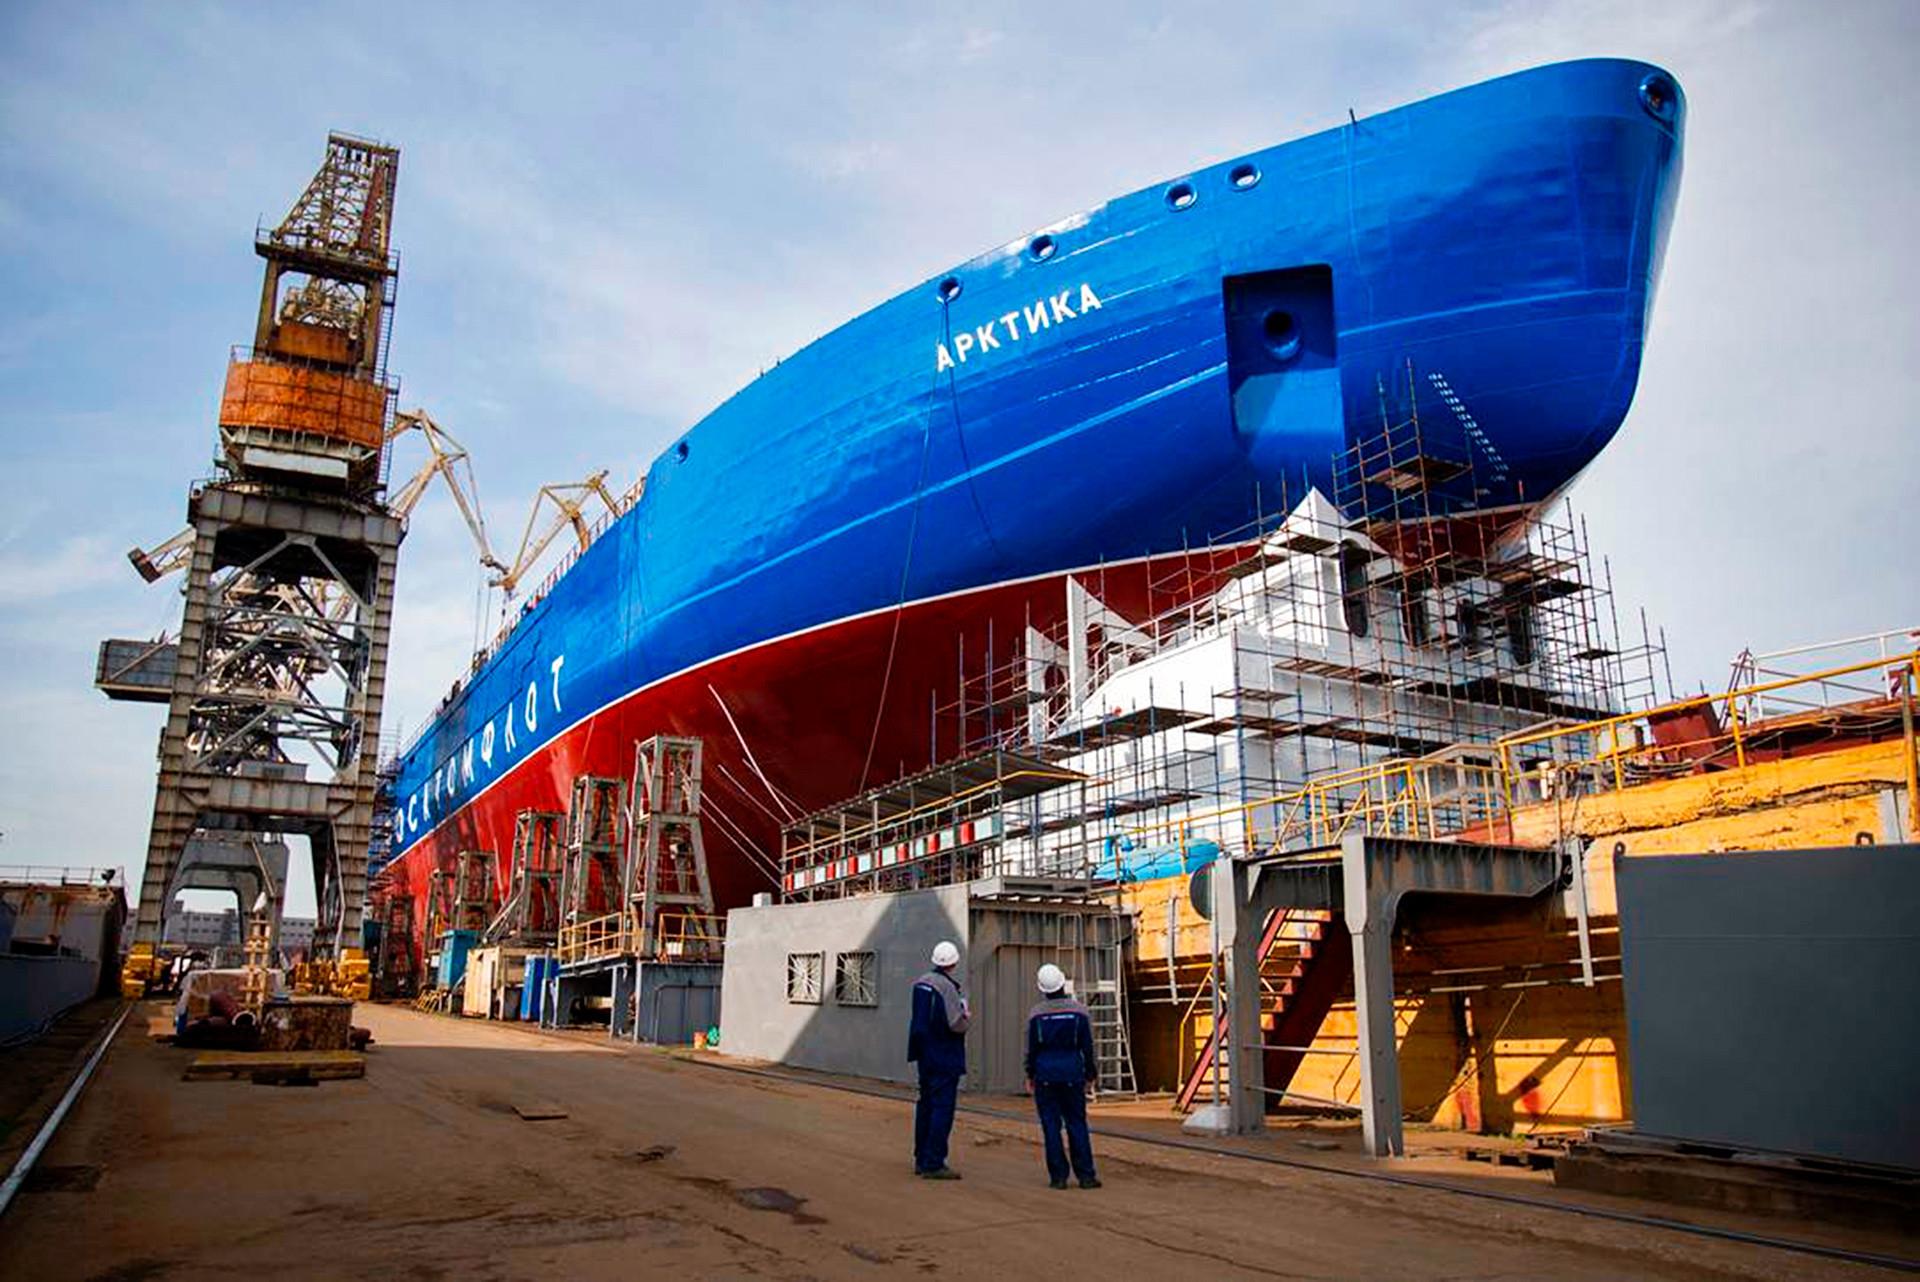 """""""Арктик"""", први од три нуклеарна ледоломца Пројекта 22220 ЛК-60 који су направљени на Балтичком бродоградилишту. 10. јун. 2016."""